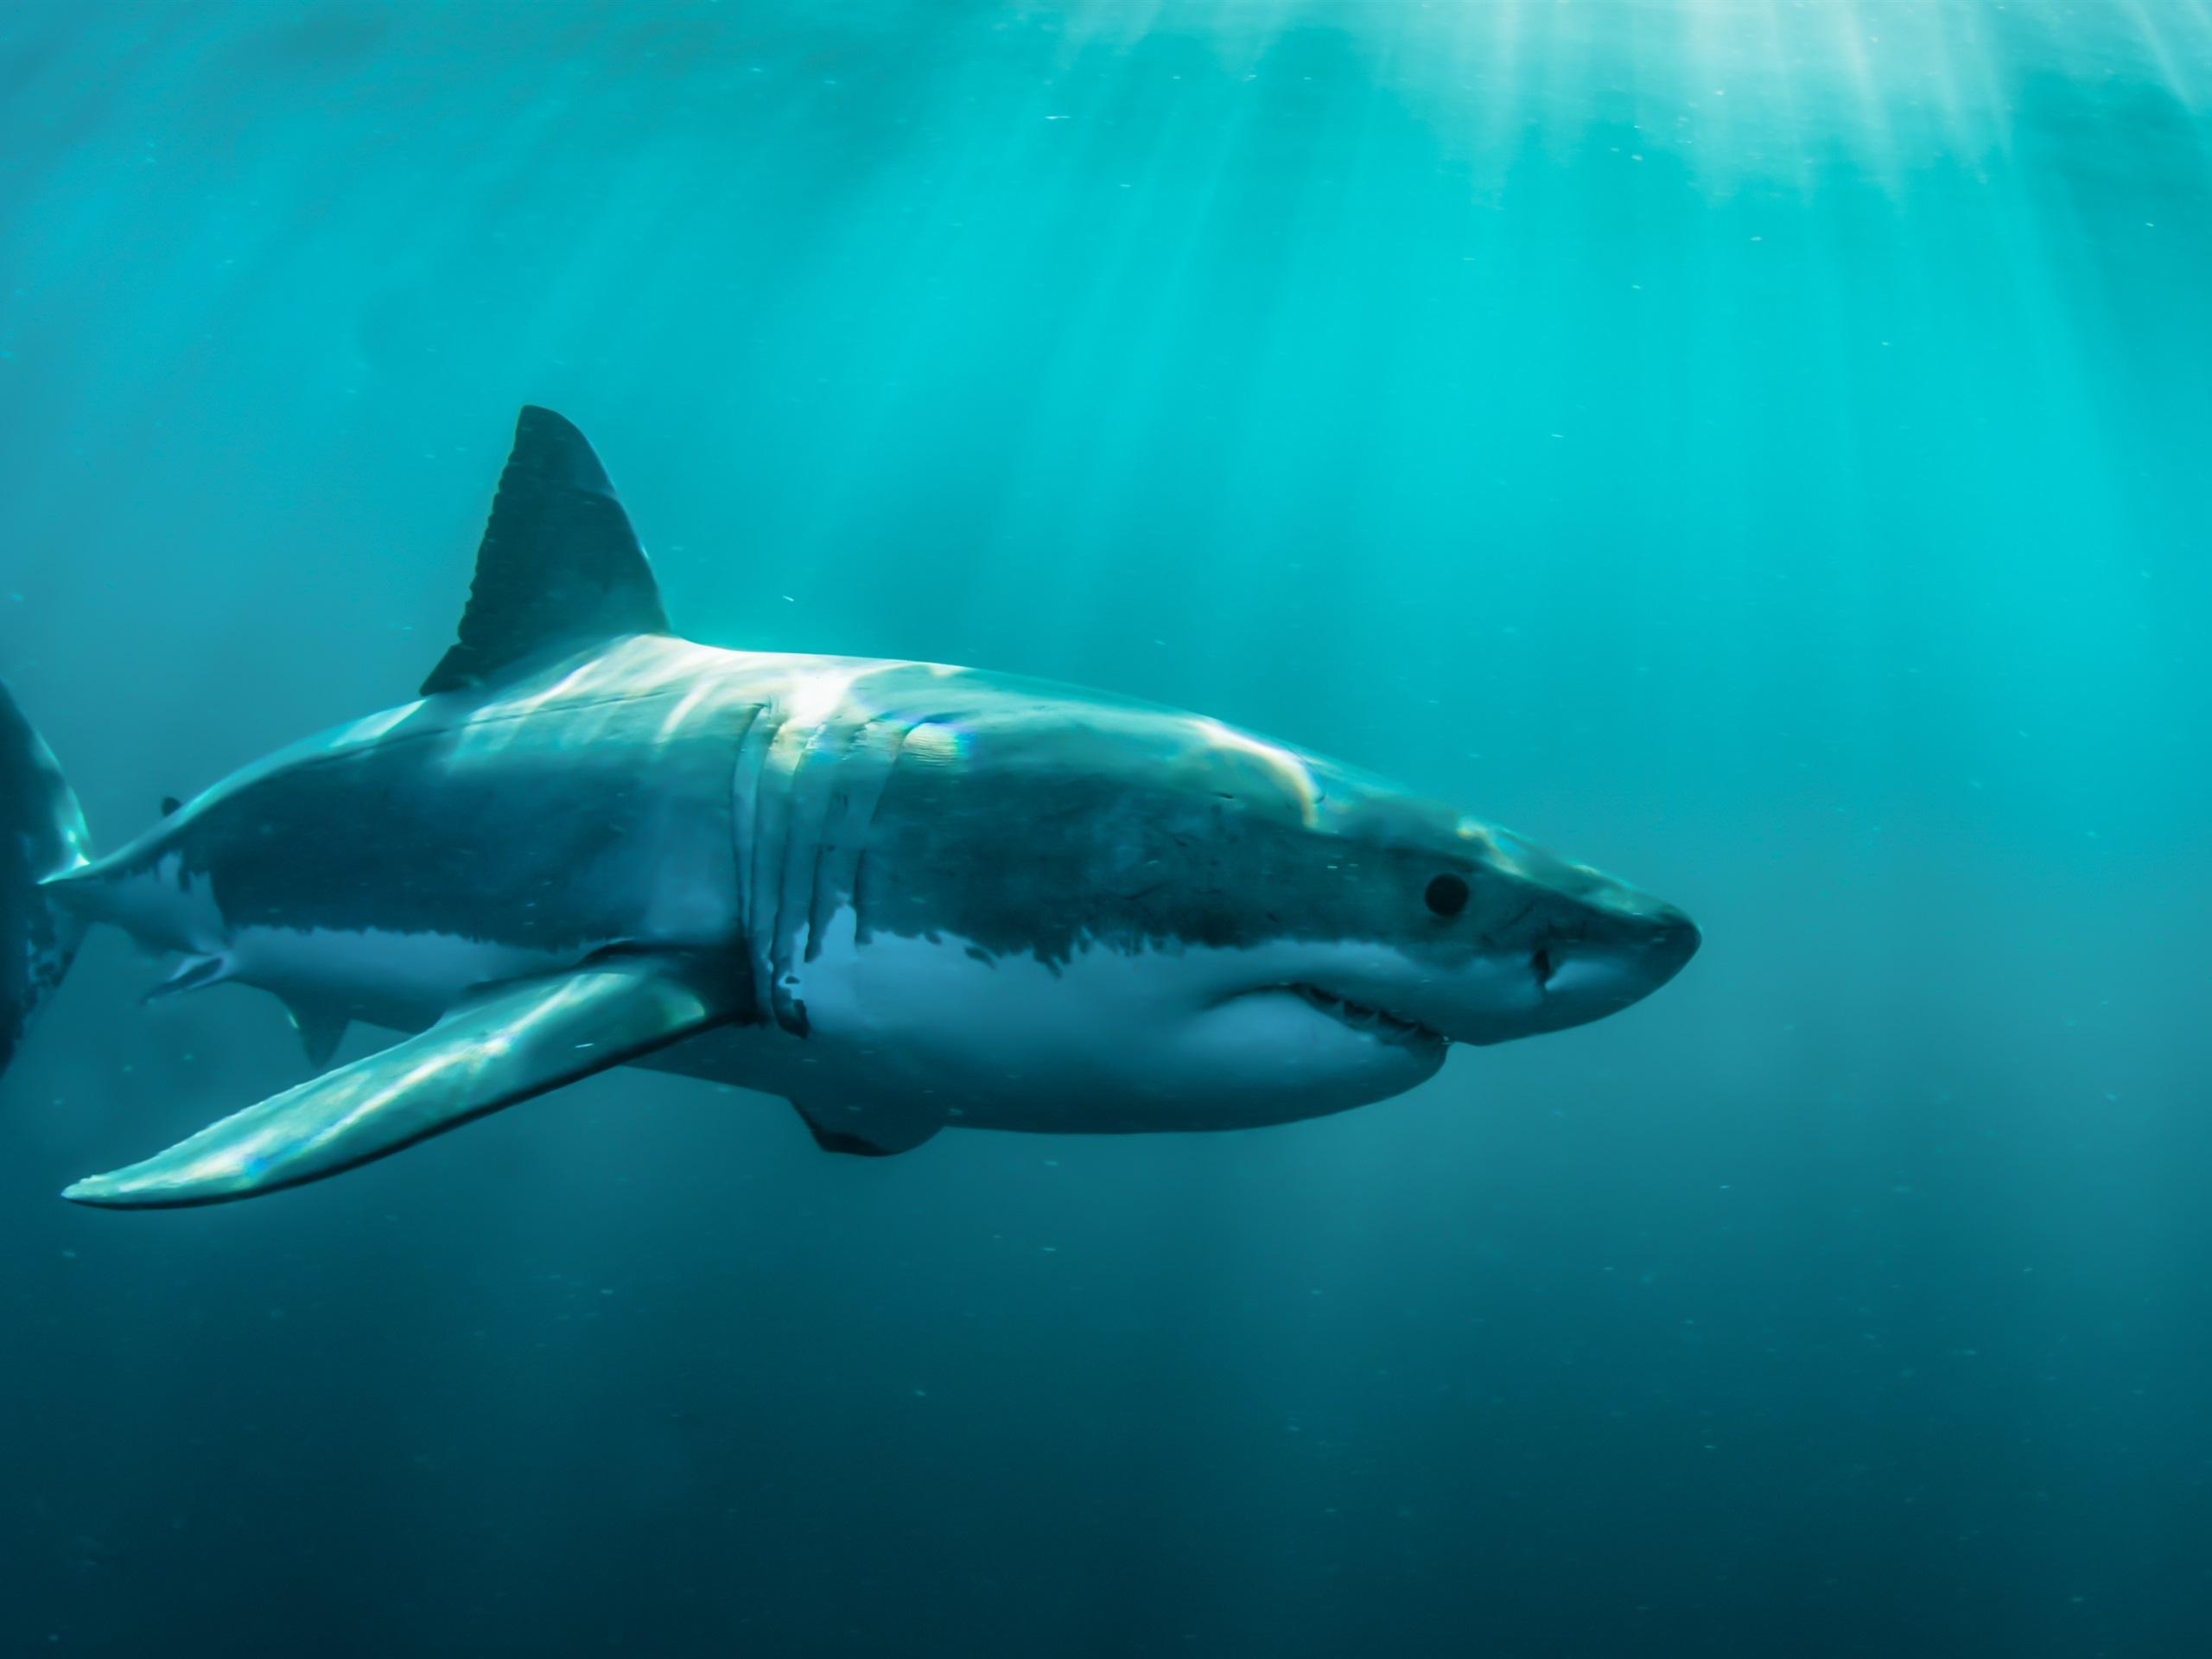 壁紙 海の動物 水中のサメ 2880x1800 Hd 無料のデスクトップの背景 画像